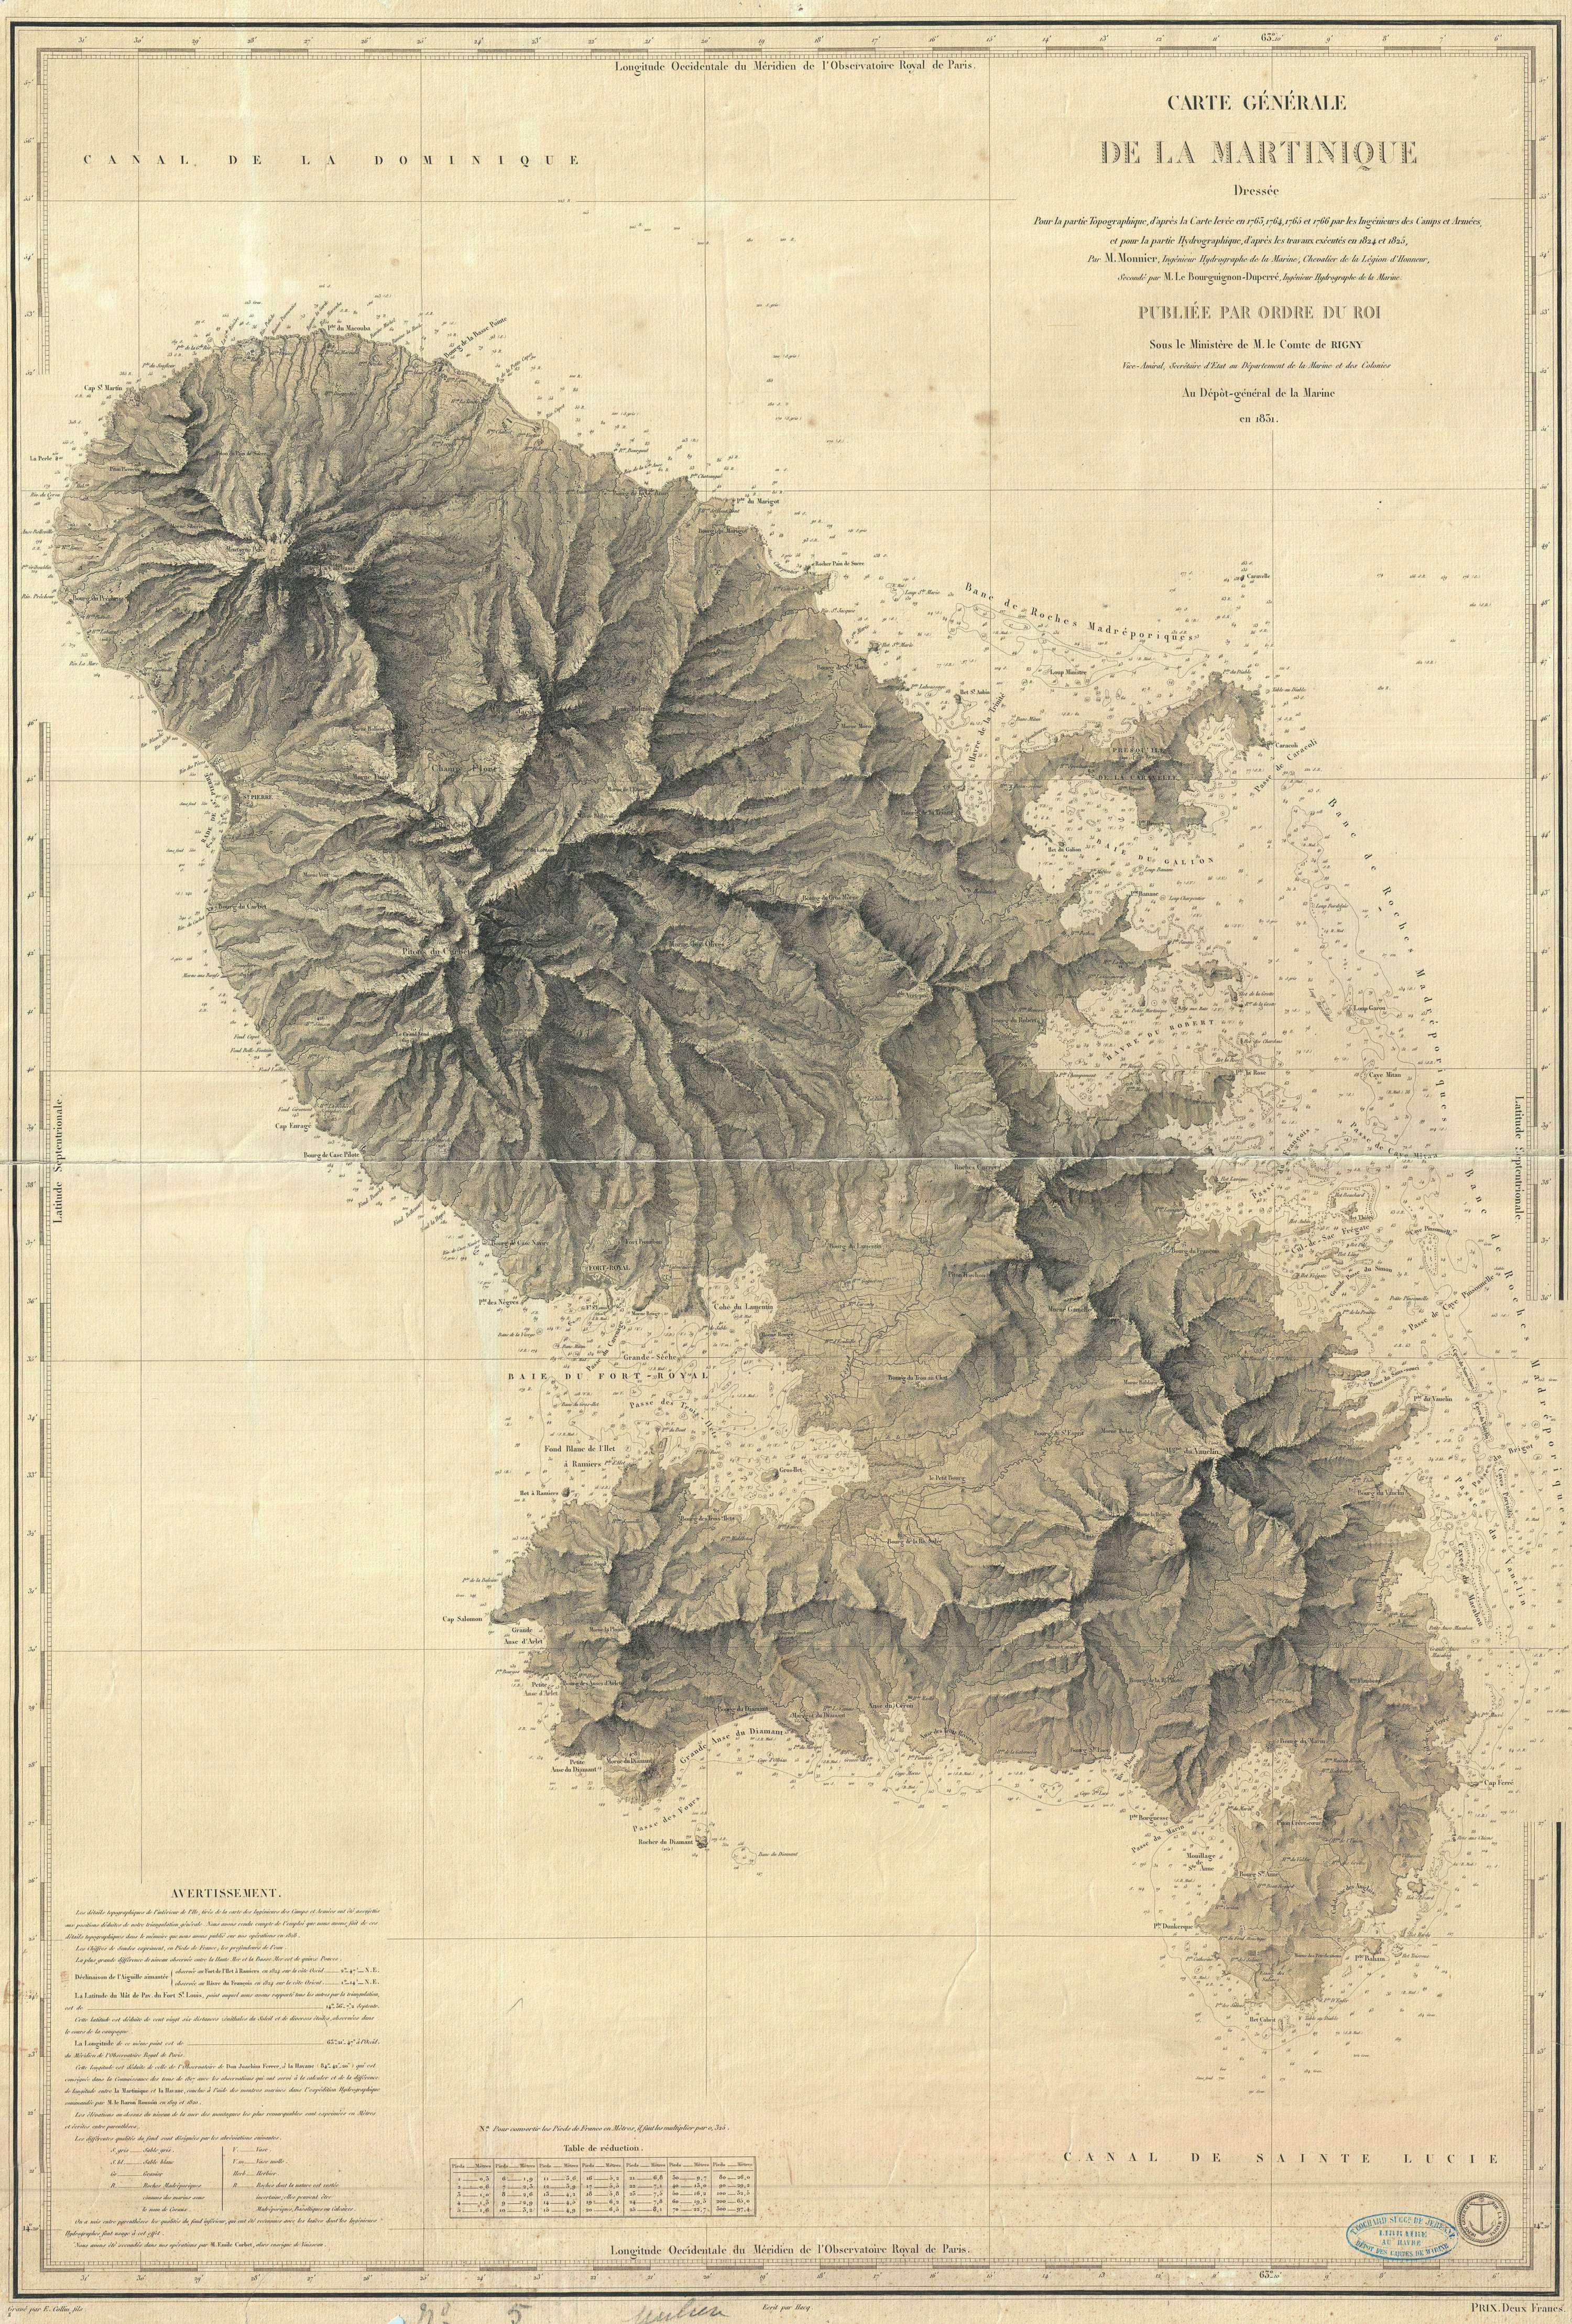 Carte Générale de la Martinique